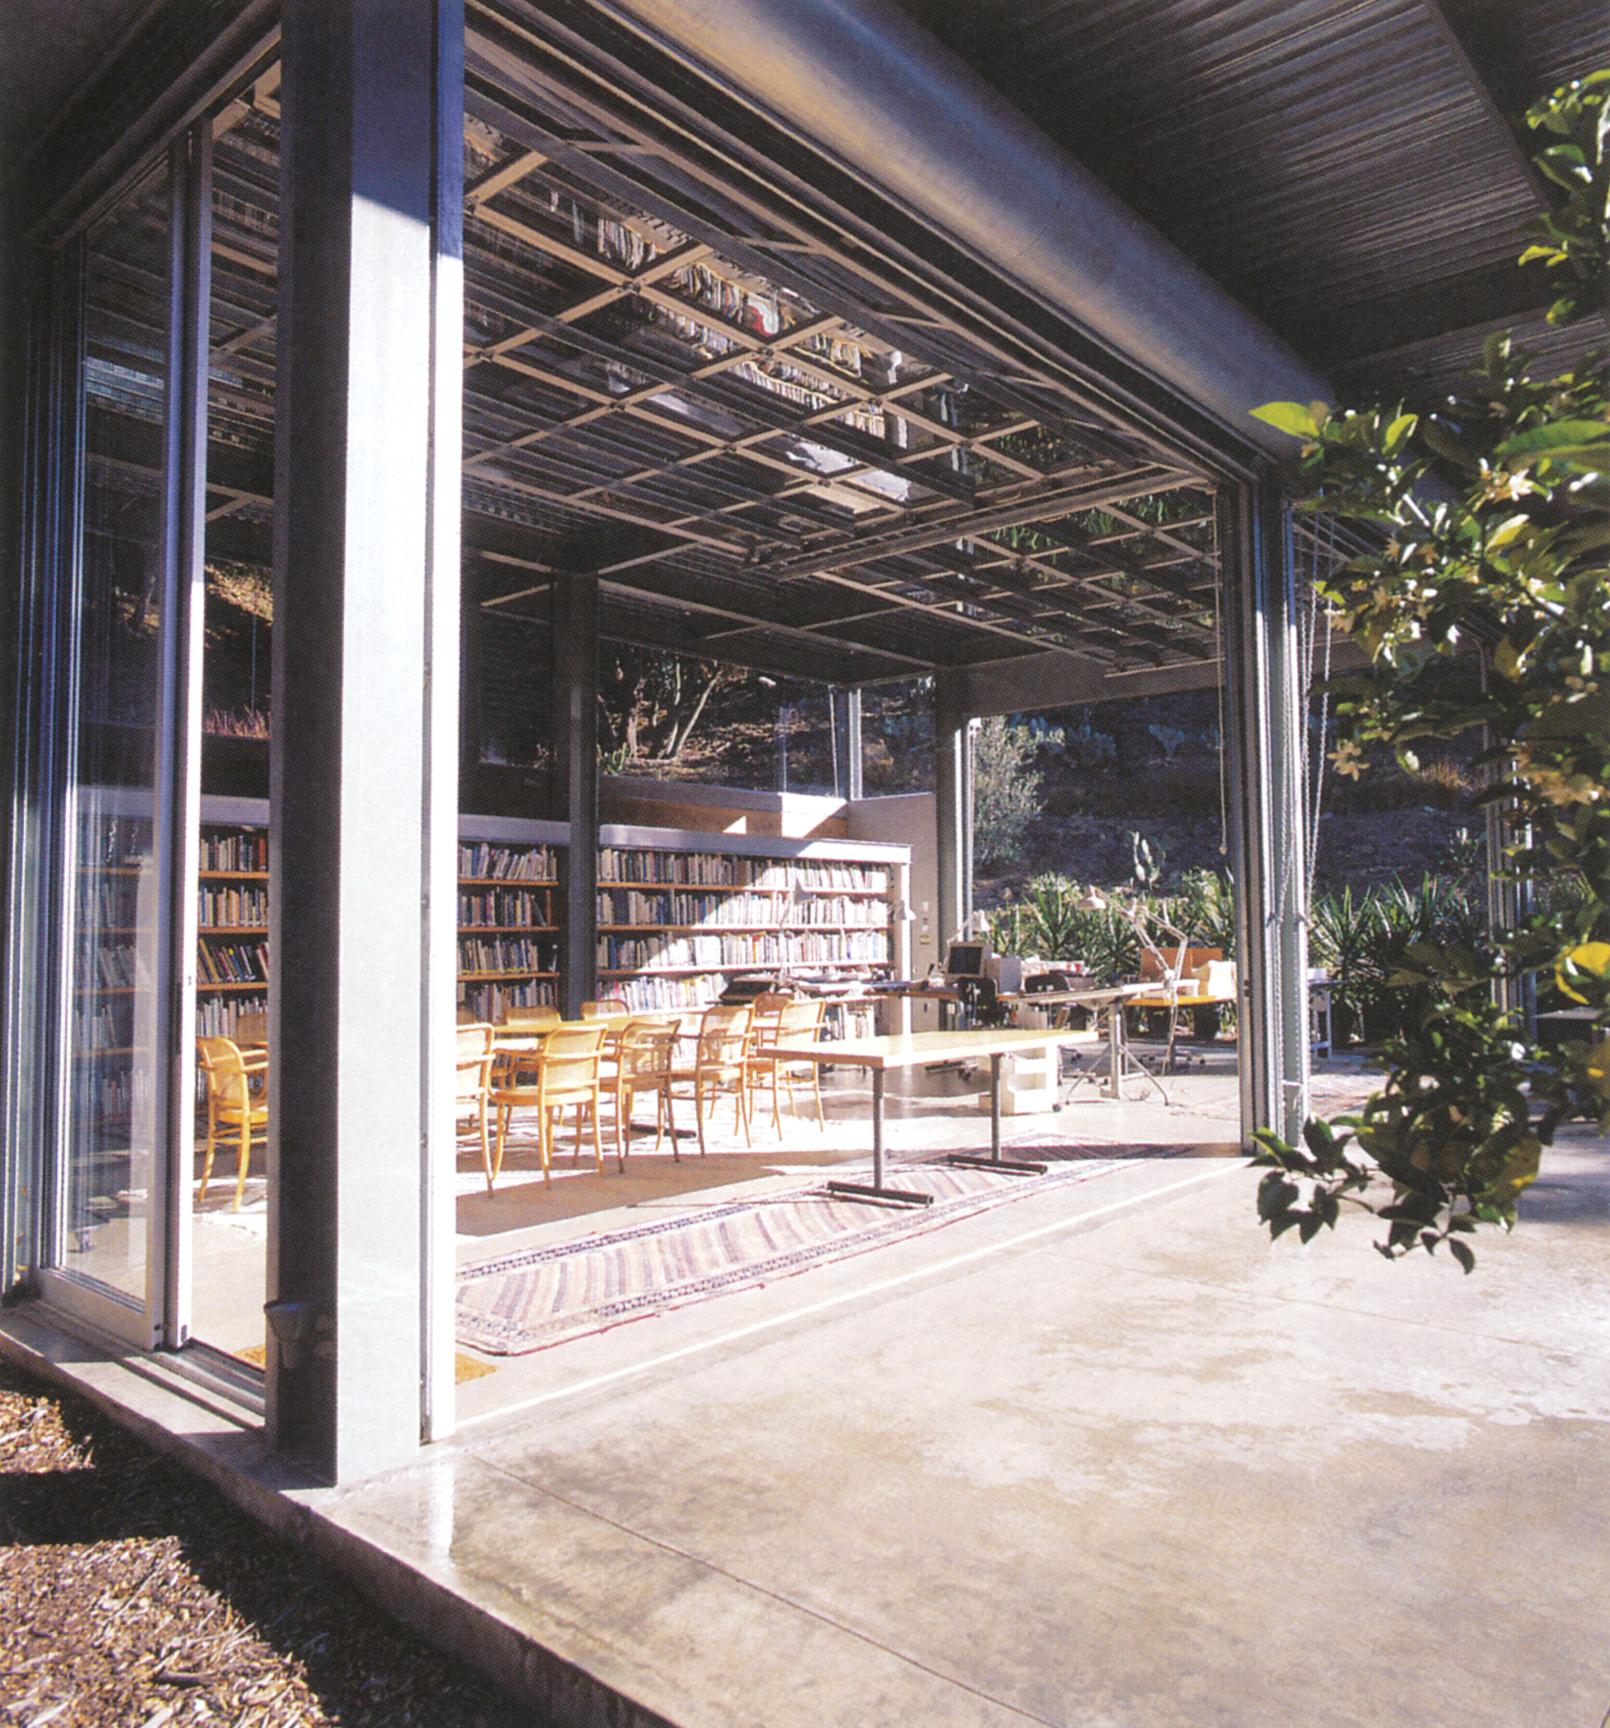 تصاویر بالا: شرکت معماران بارتون مایِرز، طراحی یک خانه و استودیو در تورو کانیون؛ مونتهسیتو، کالیفرنیا، 1999